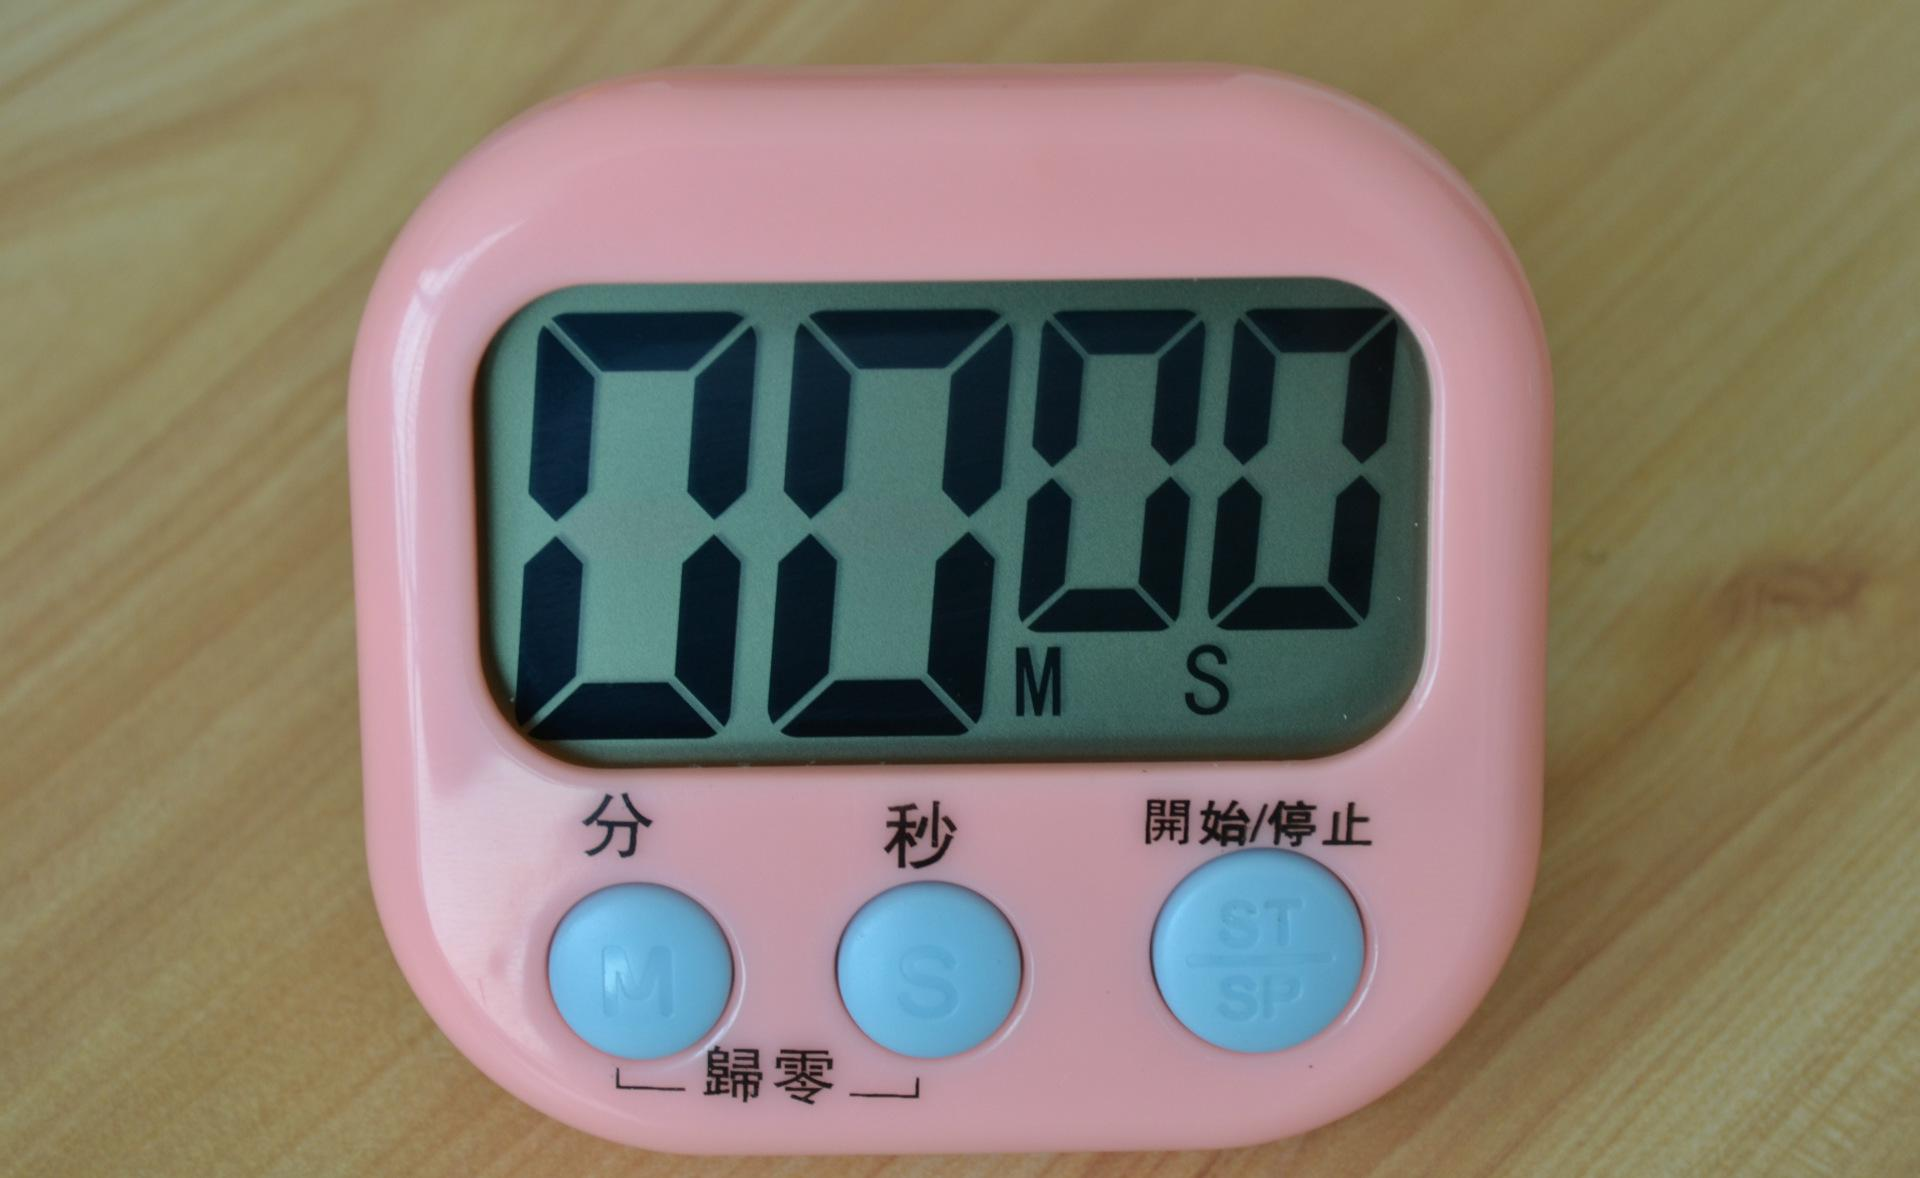 高考刷题计时器